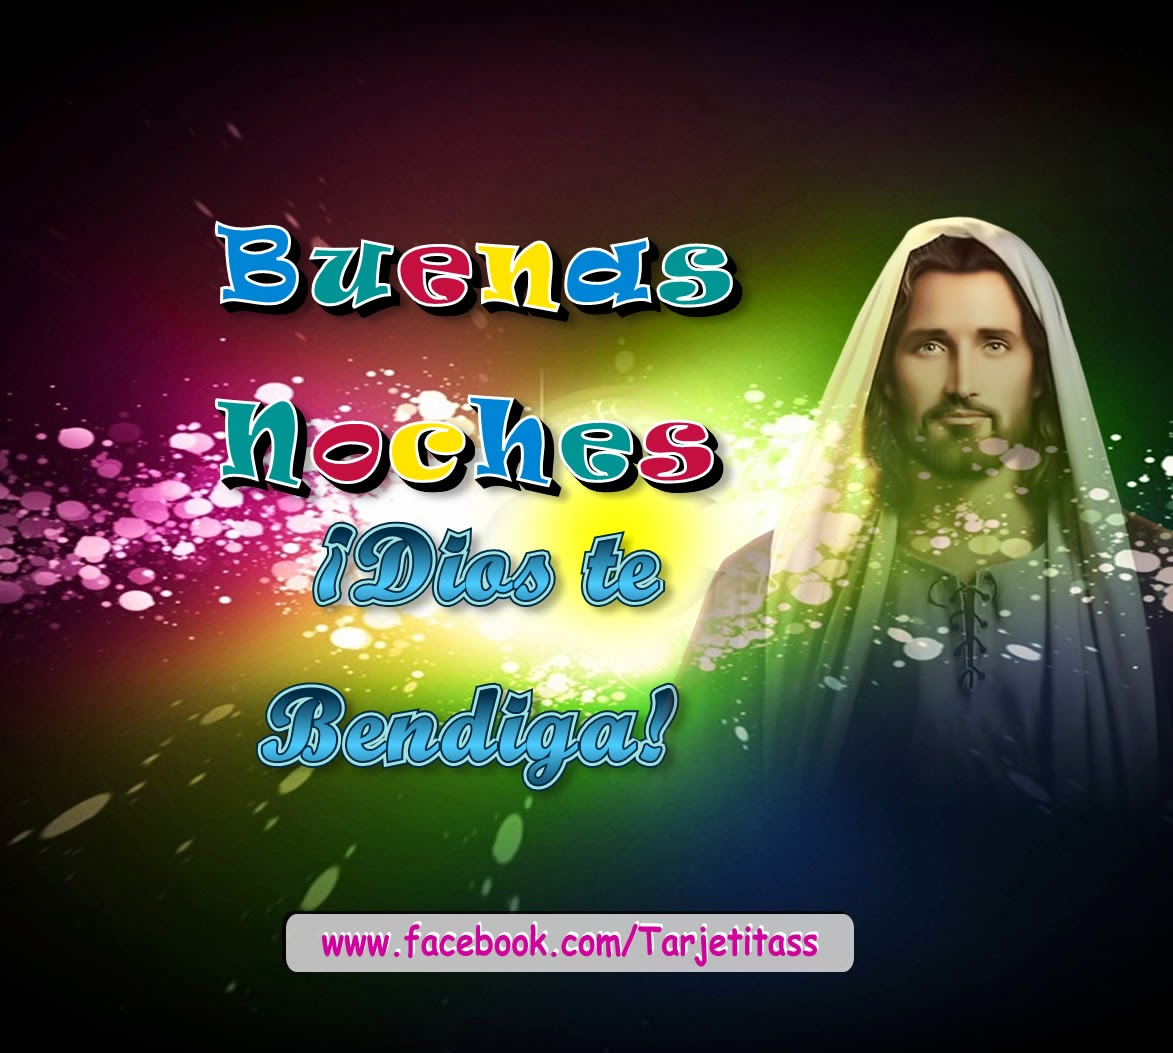 BUENAS NOCHES - Dios te bendiga, que puedas dormir bien. - Tarjetitas